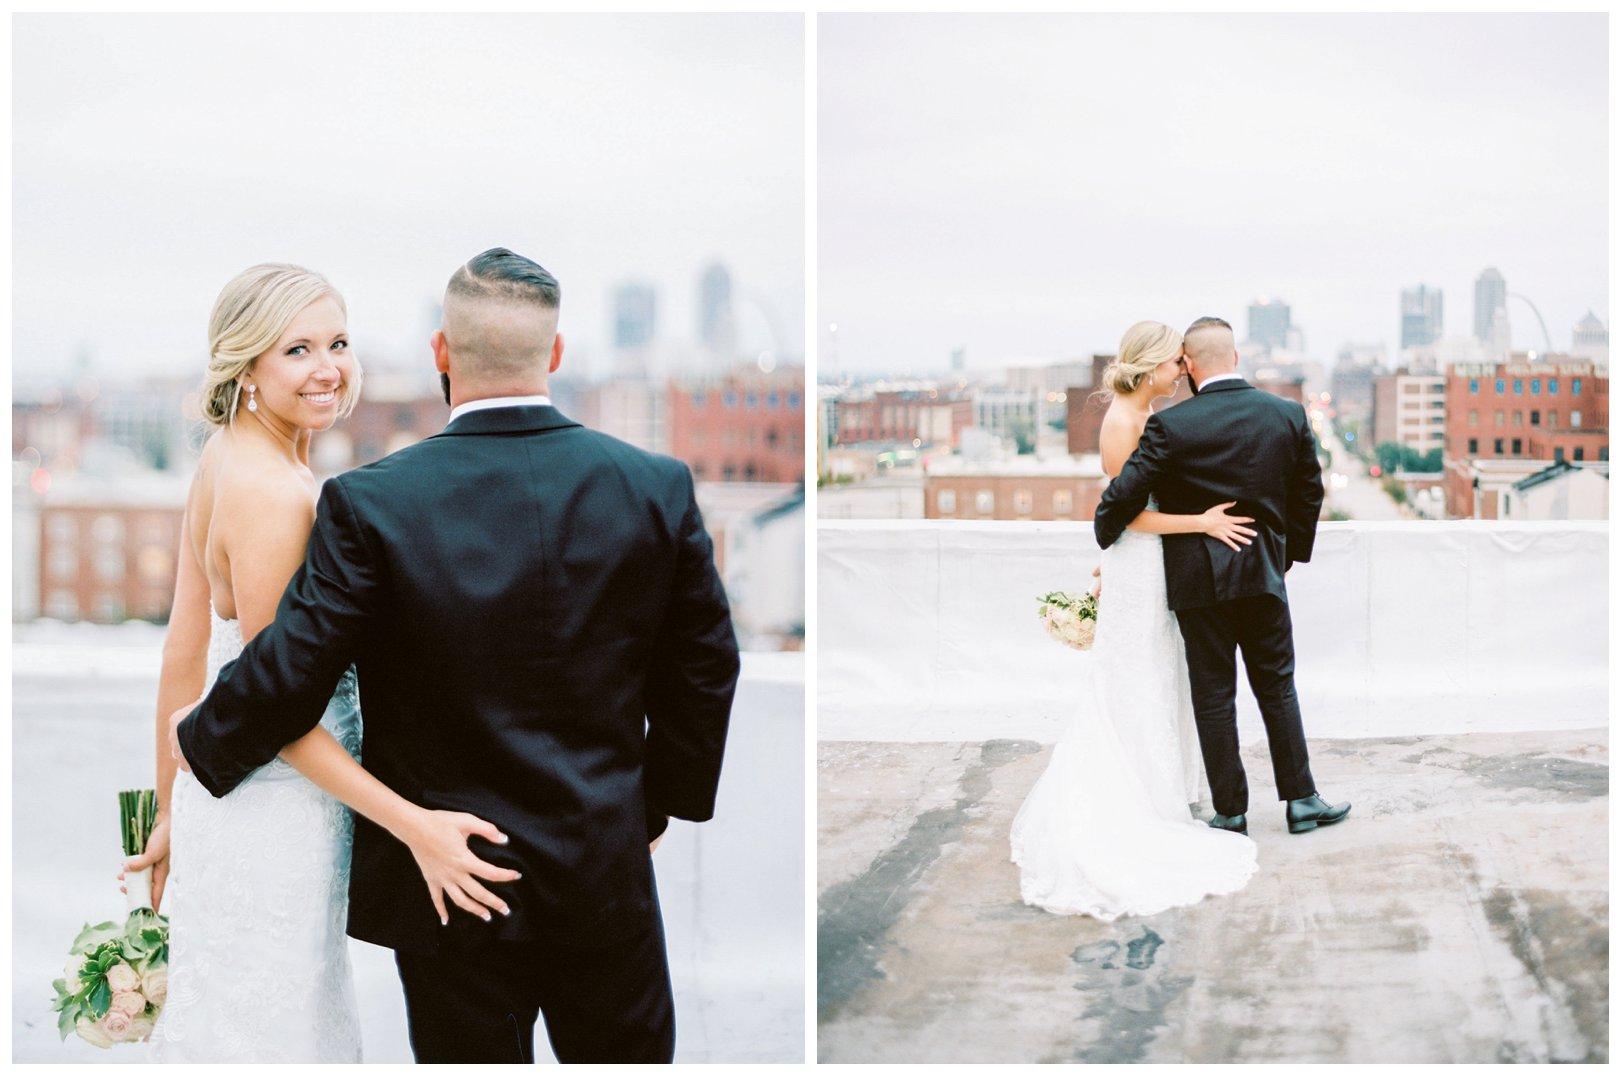 lauren muckler photography_fine art film wedding photography_st louis_photography_2160.jpg